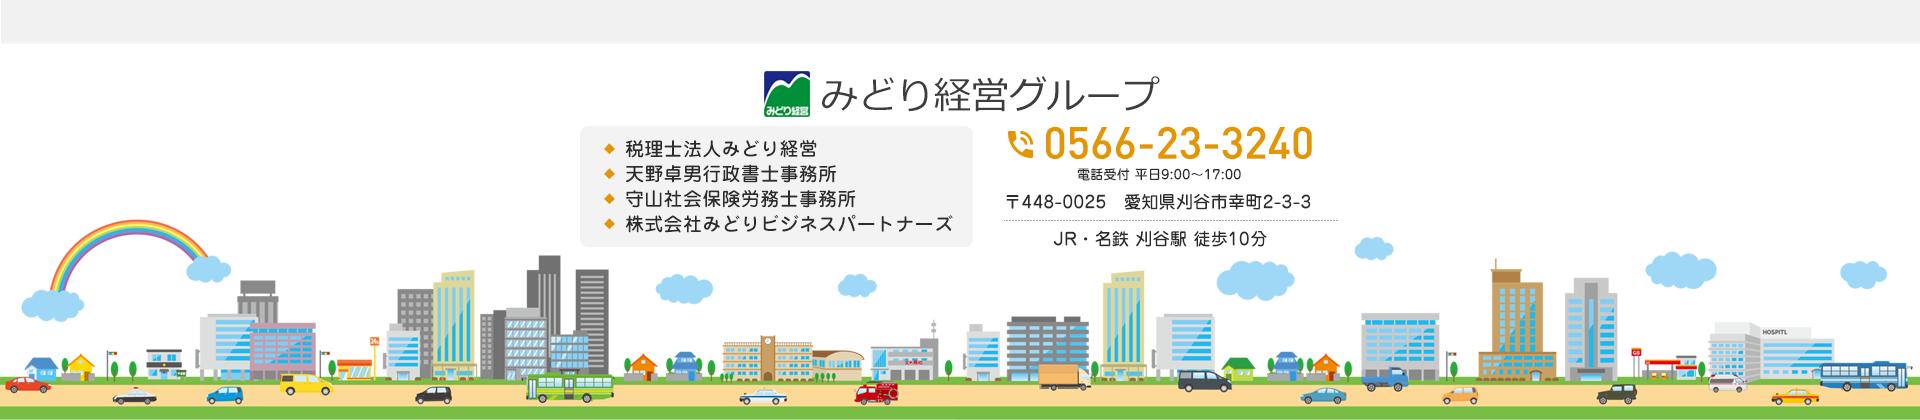 みどり経営グループ_相続_愛知県刈谷市